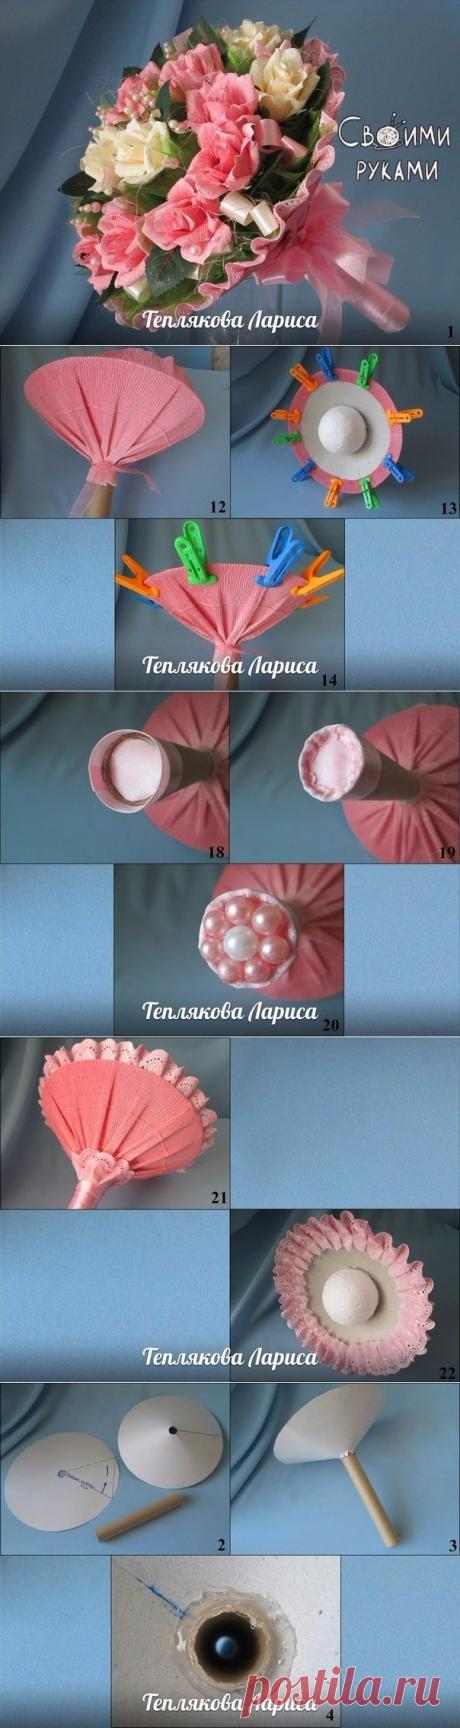 Мастер-класс по изготовлению портбукетницы для конфетного букета